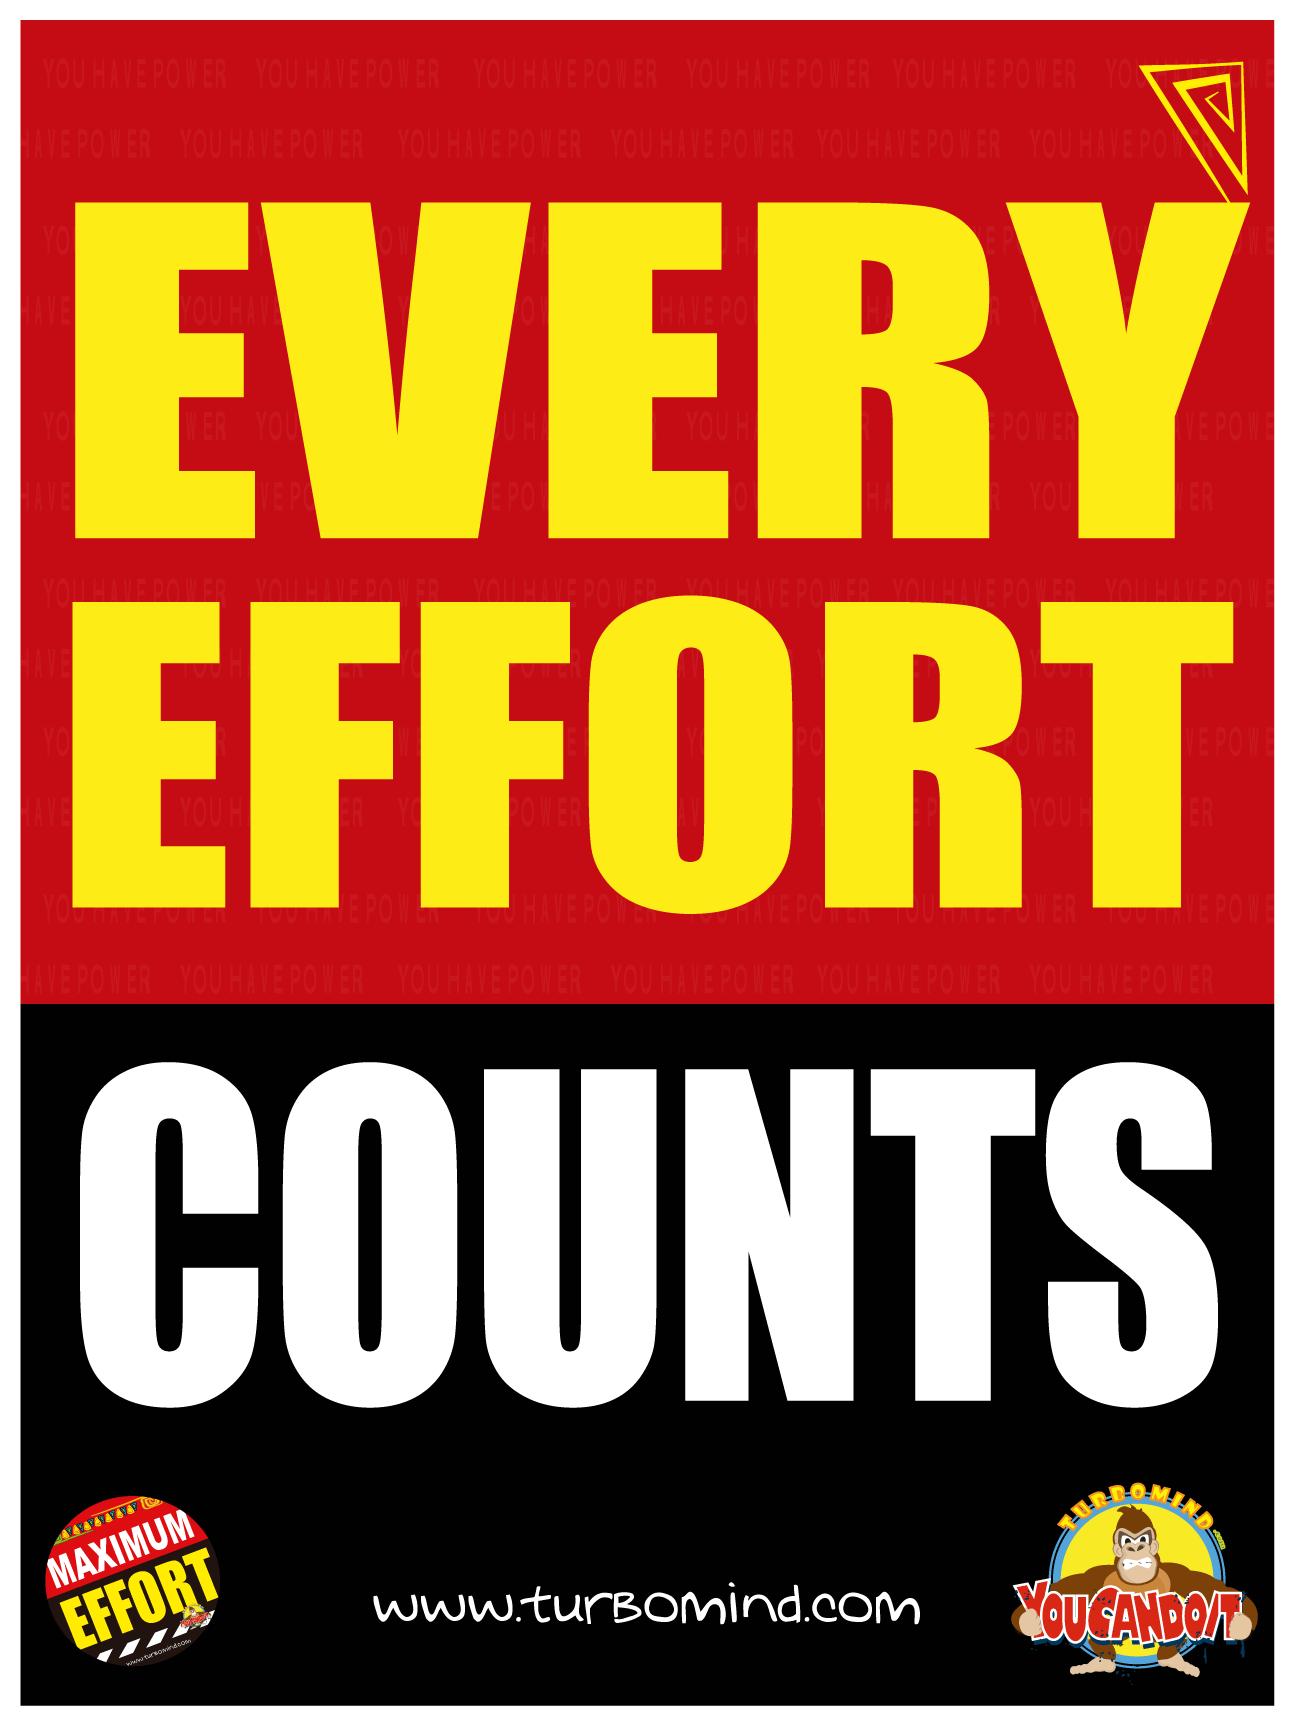 EVERY EFFORT COUNTS